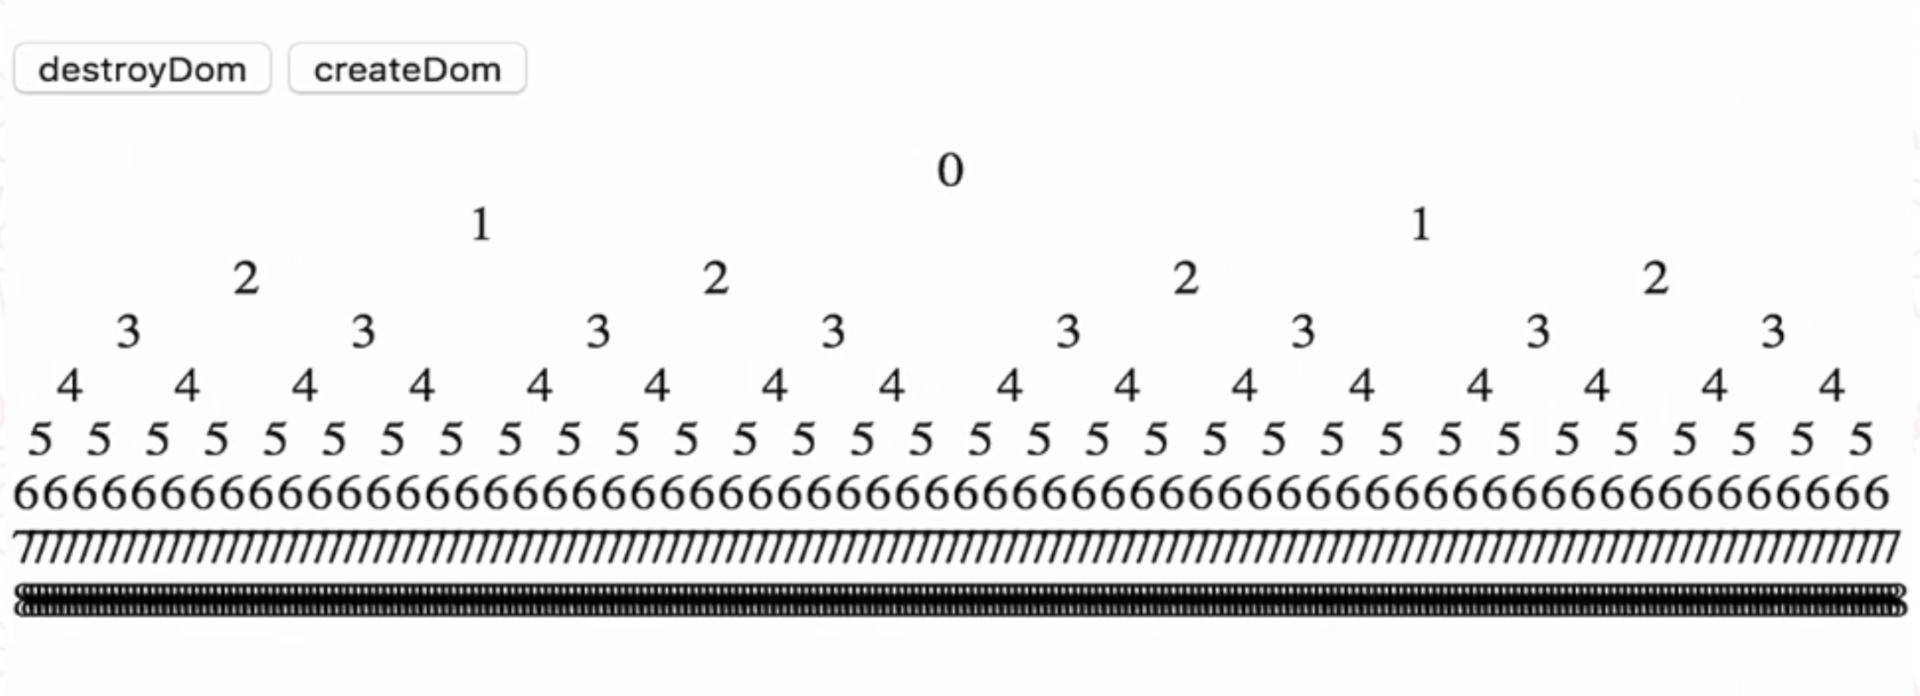 angular2 compiler benchmarks